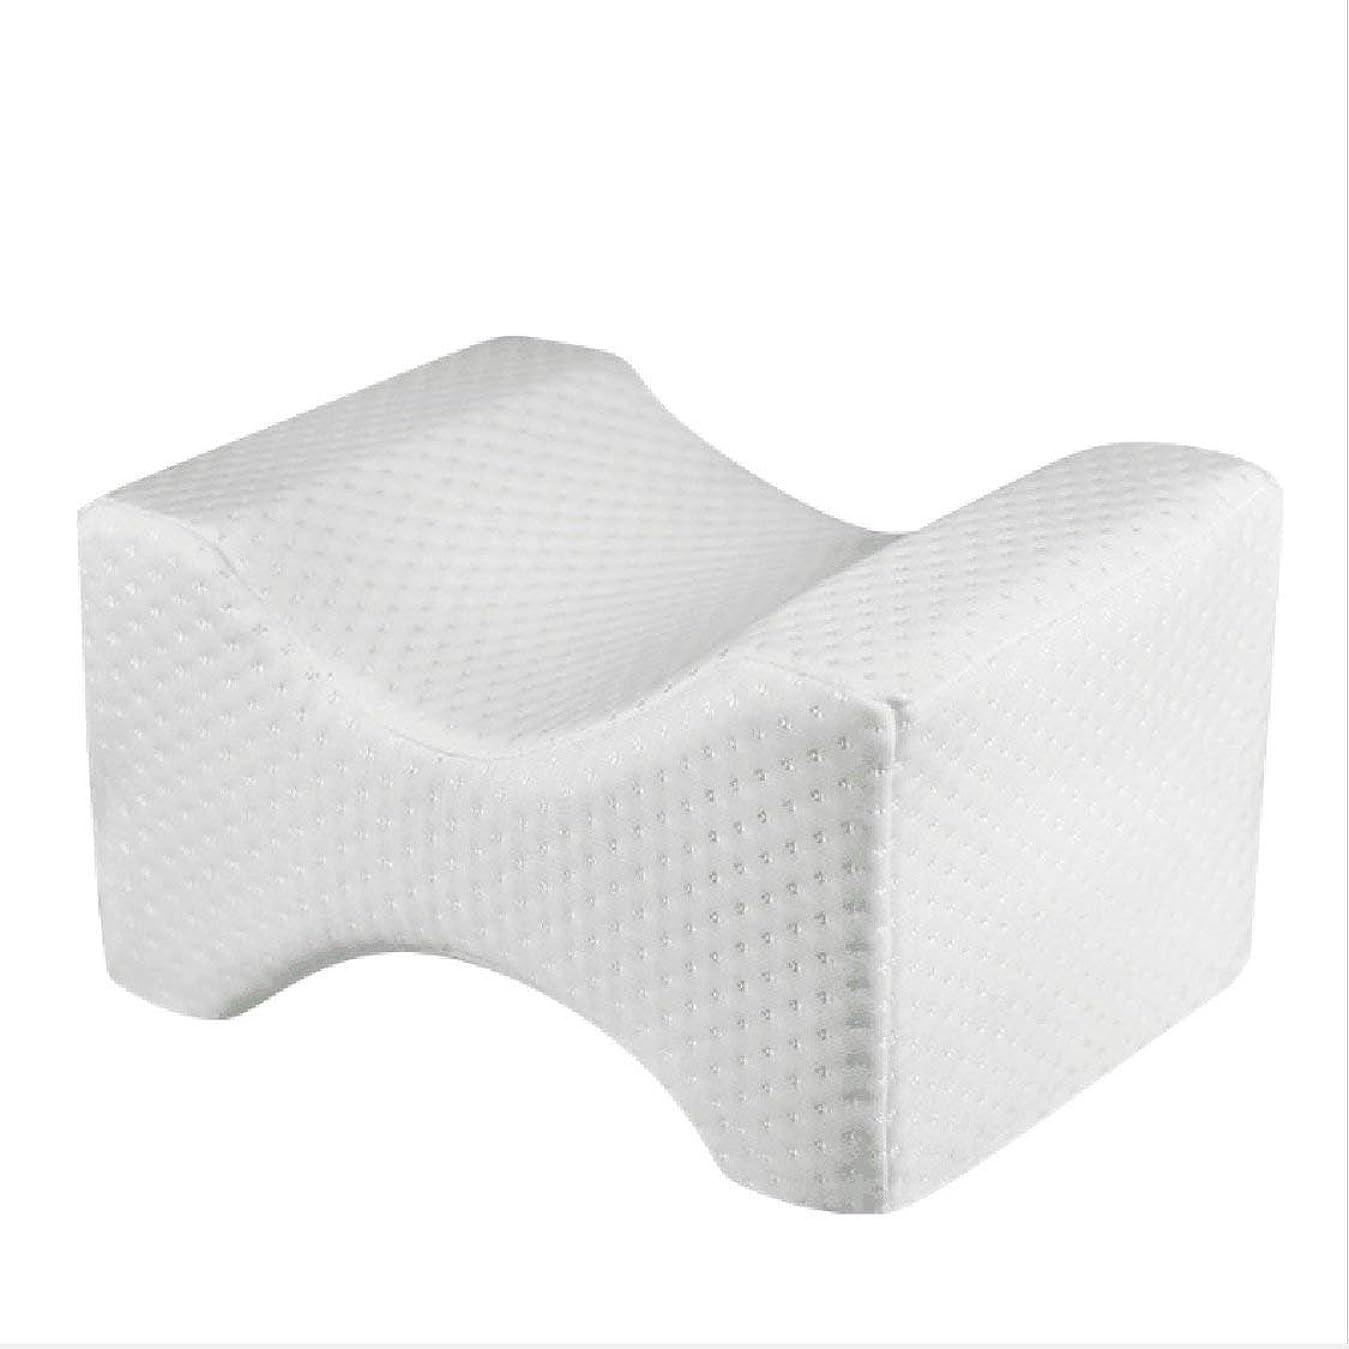 ファイバクラウド革命妊娠中の女性のためのFdrirect膝枕クリップ足の低反発ウェッジ遅いクリップクランプクランプ枕